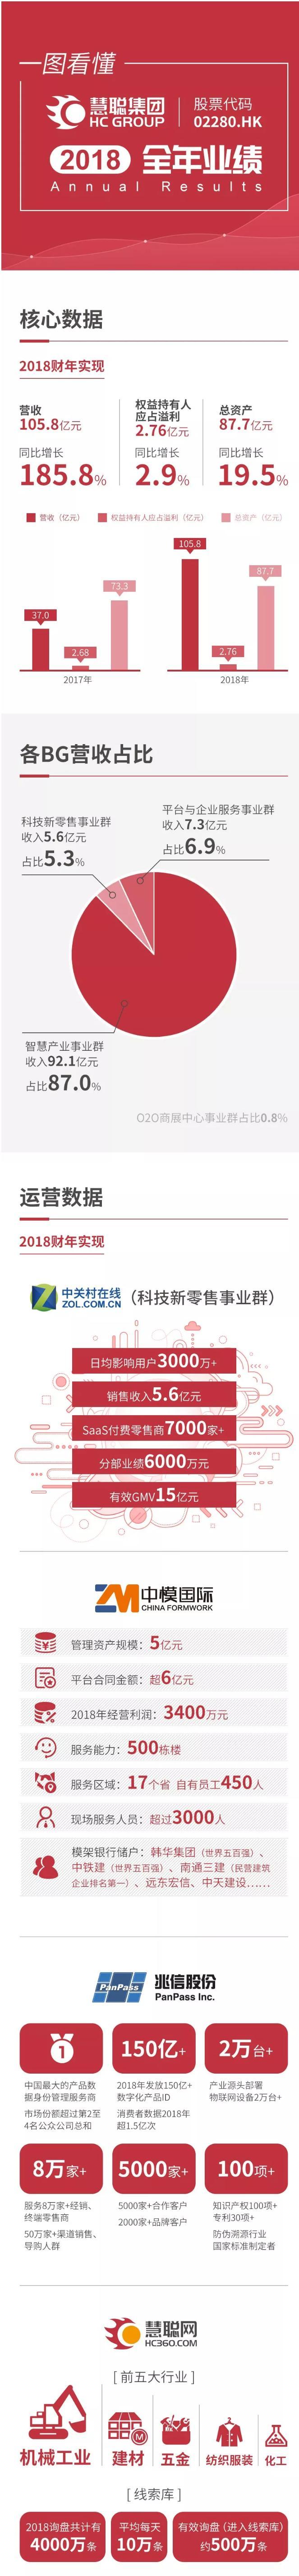 慧聰集團2018全年業績:專注垂直行業 營收近106億元